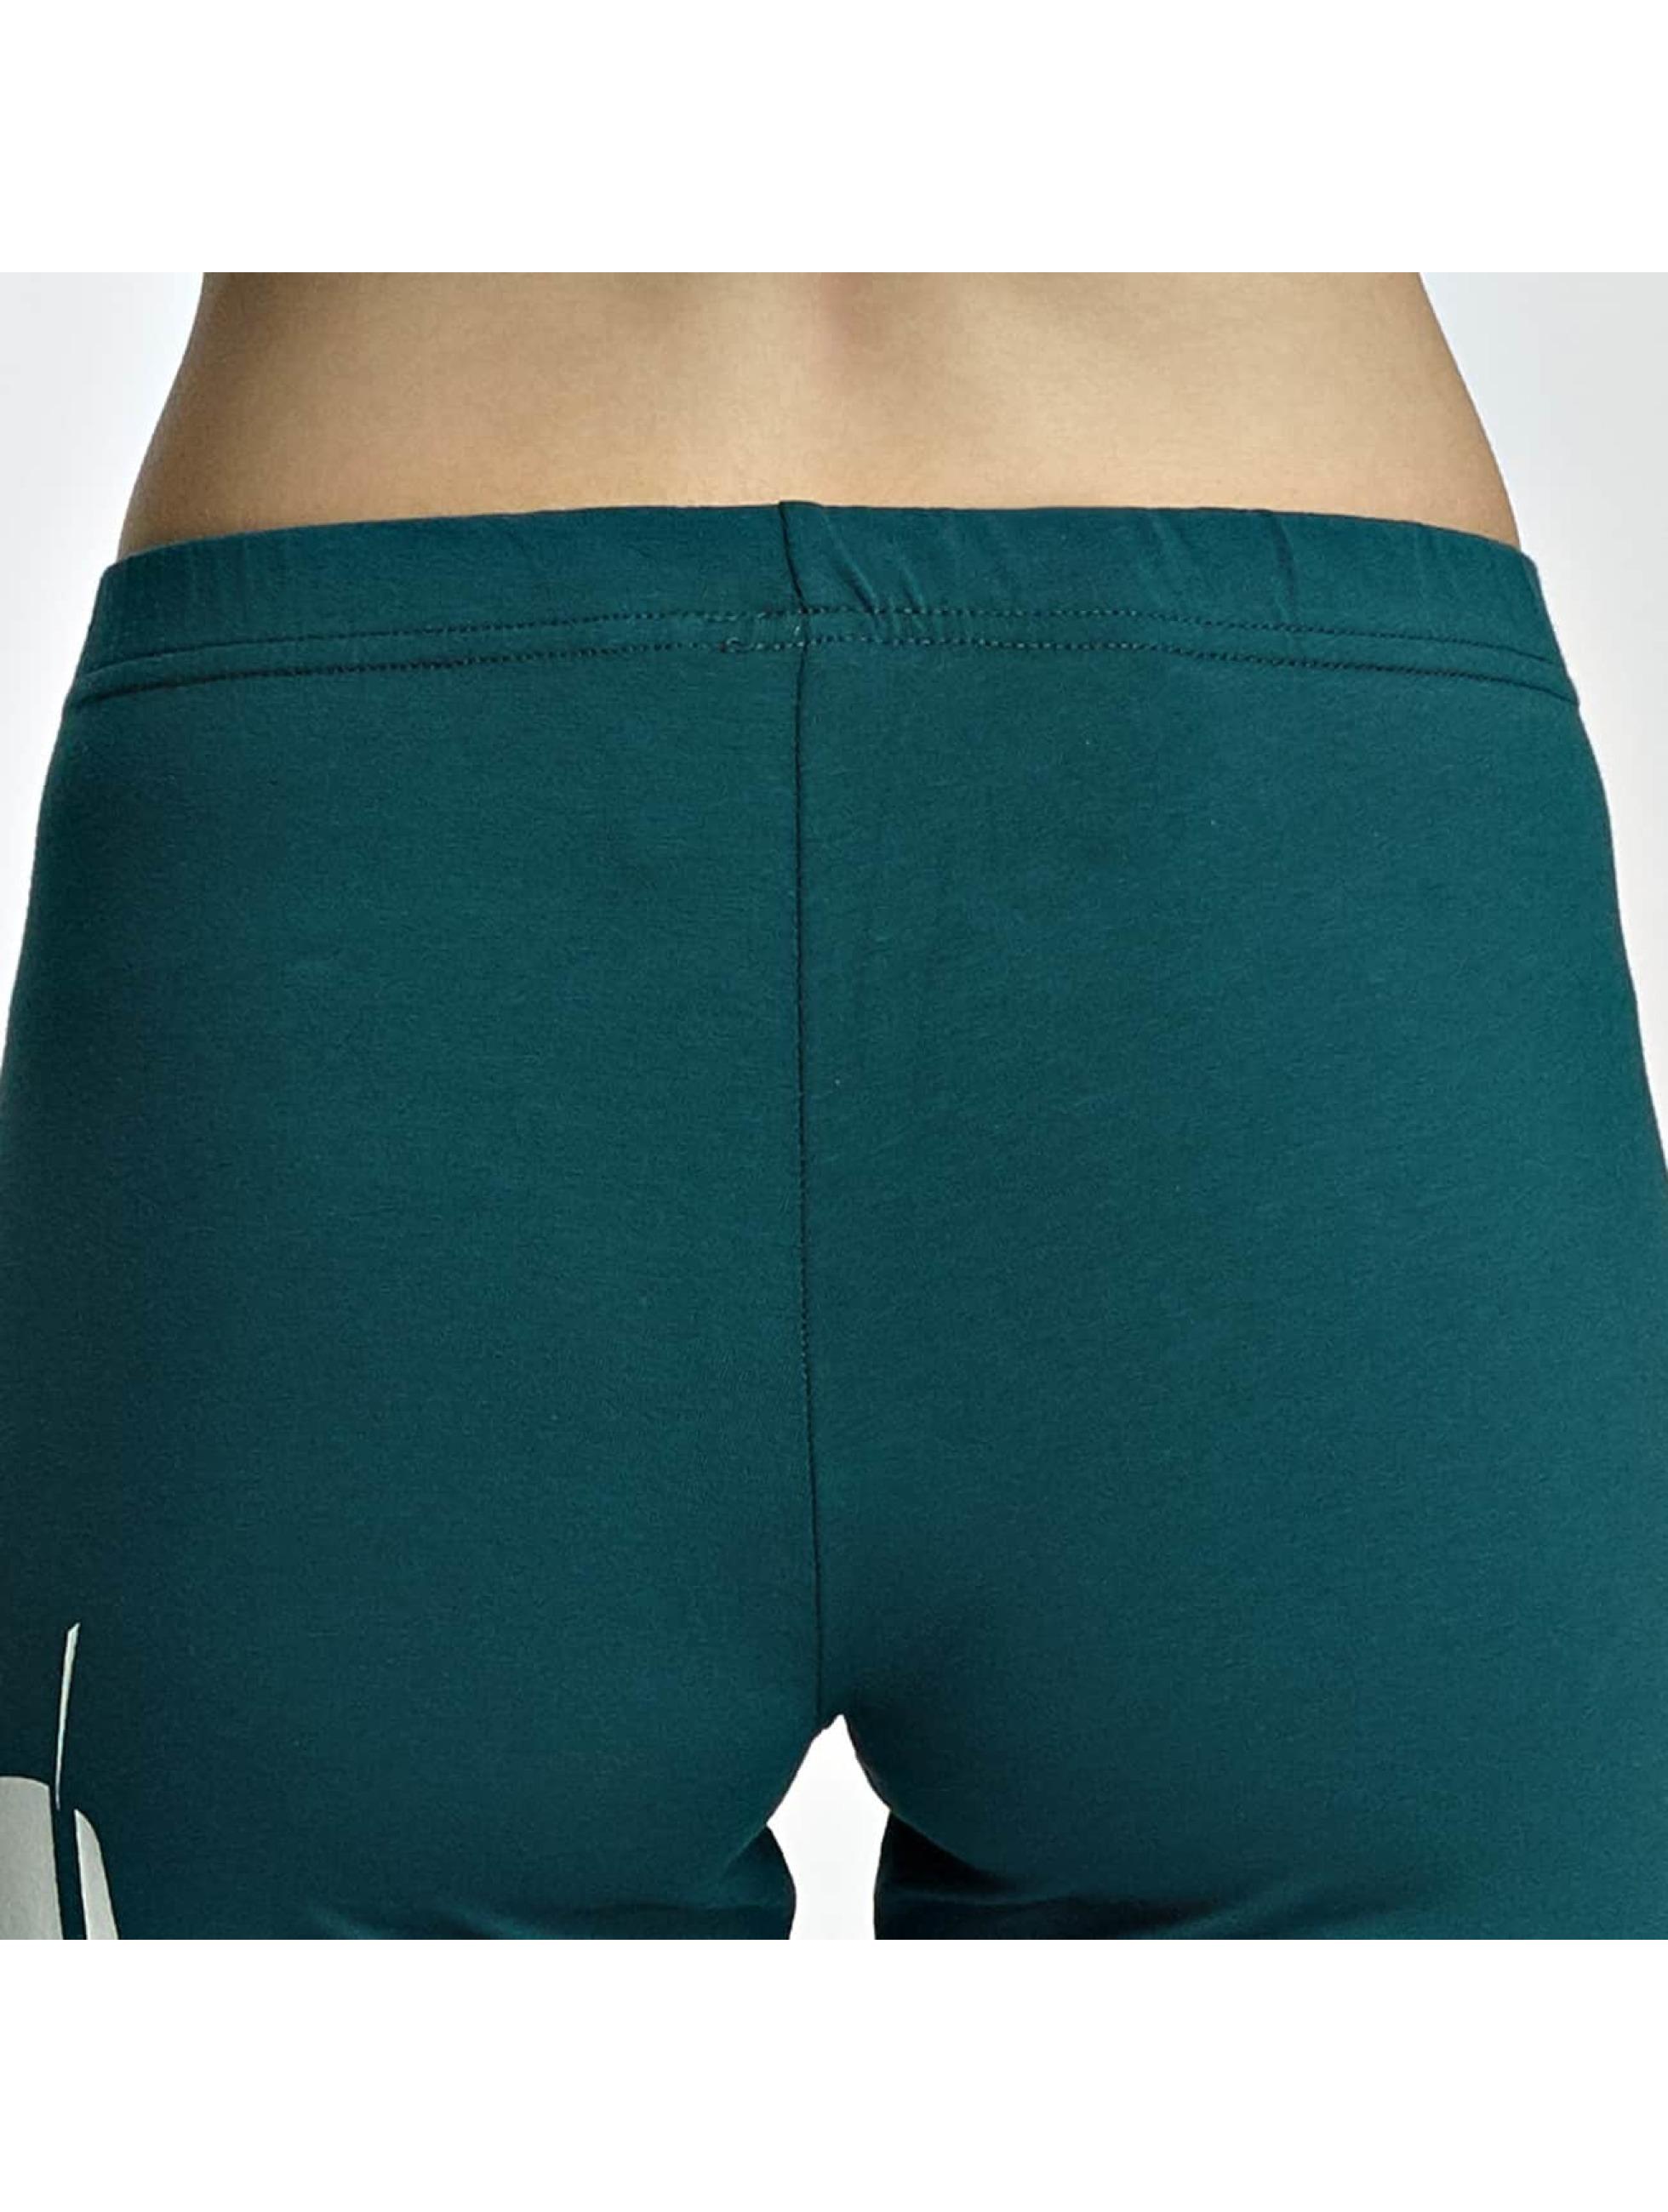 Babystaff Leggings/Treggings Haran green